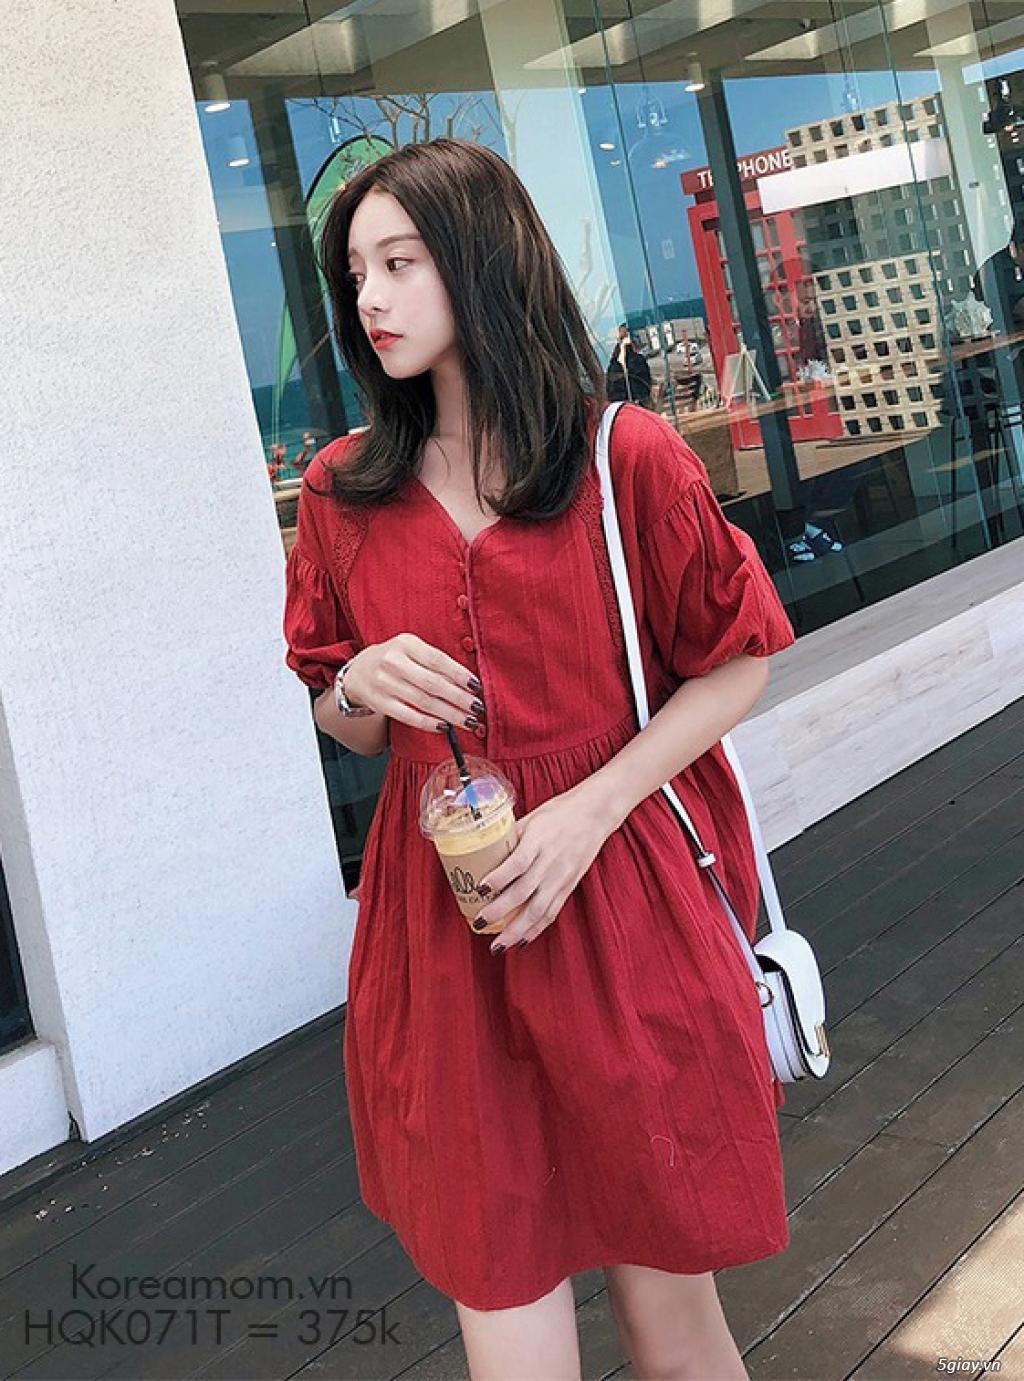 KoreaMom.vn - Đầm bầu thời trang ngoại nhập xinh lung linh - 4